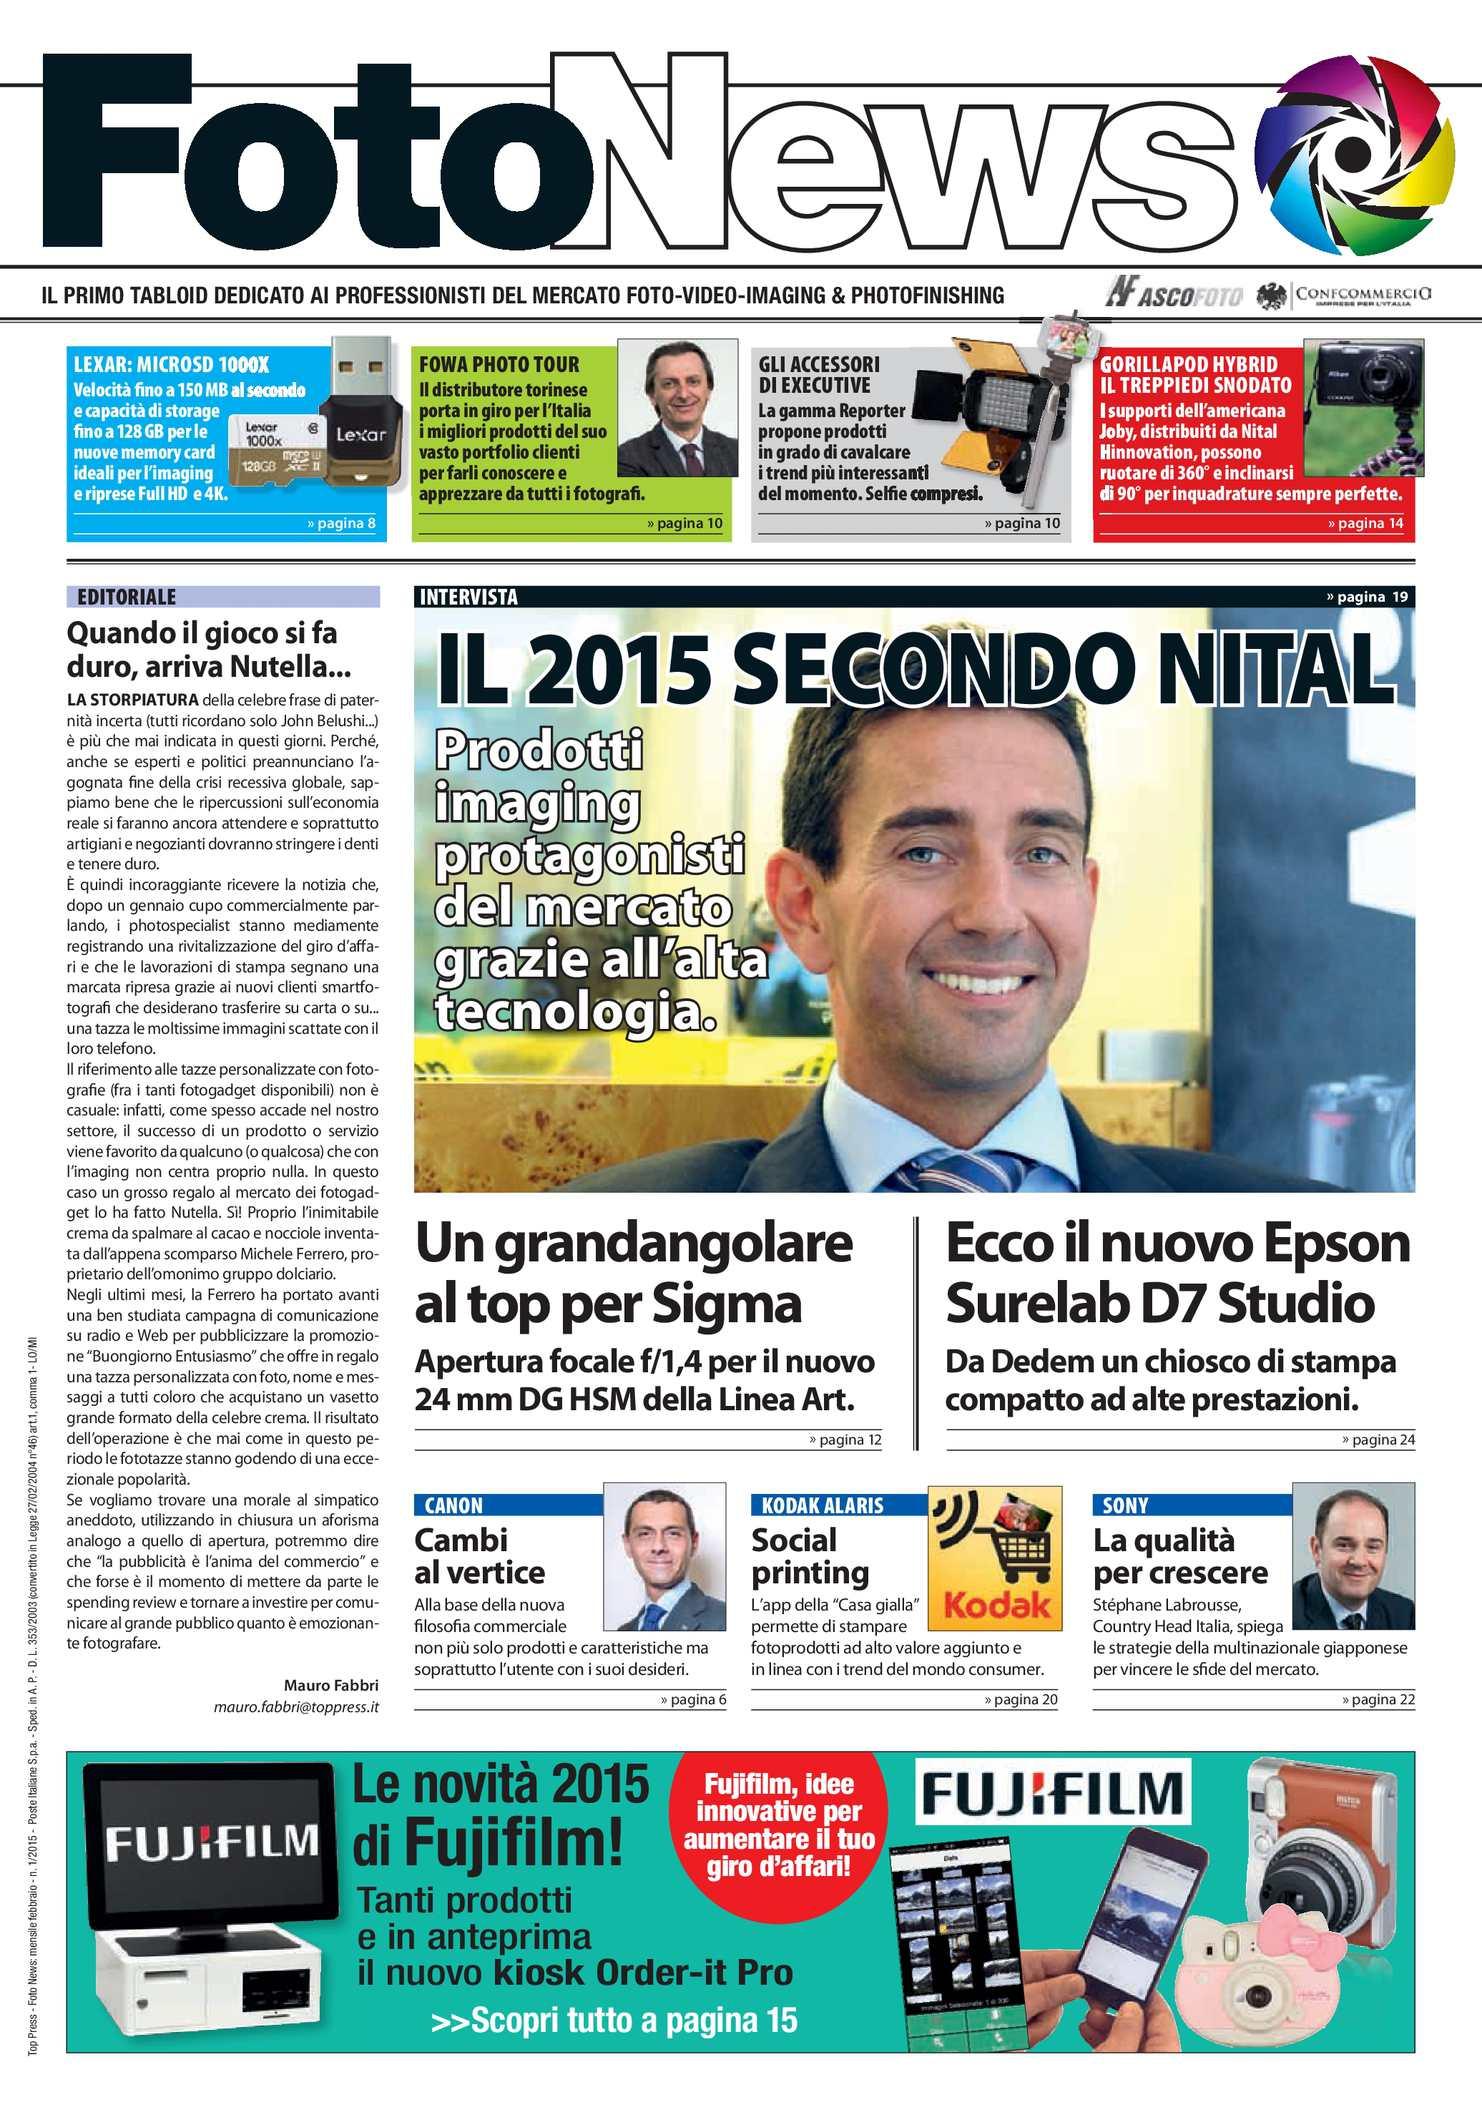 FotoNews 01/2015